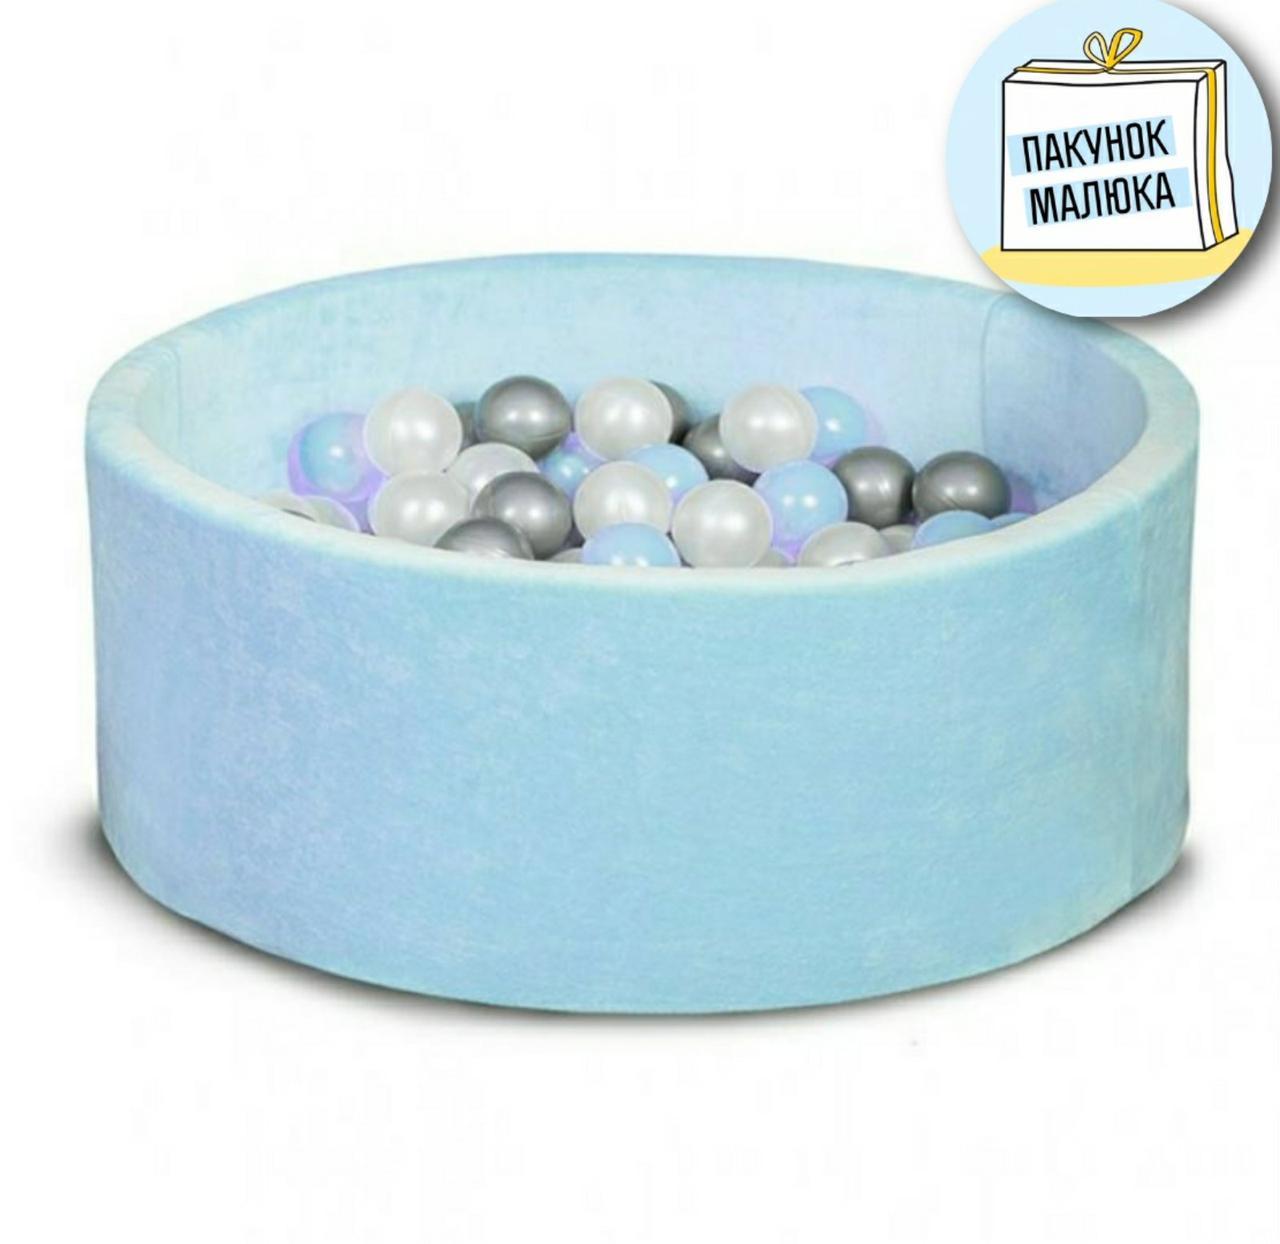 Сухой бассейн с шариками! голубой цвет ,150 шариков в комплекте